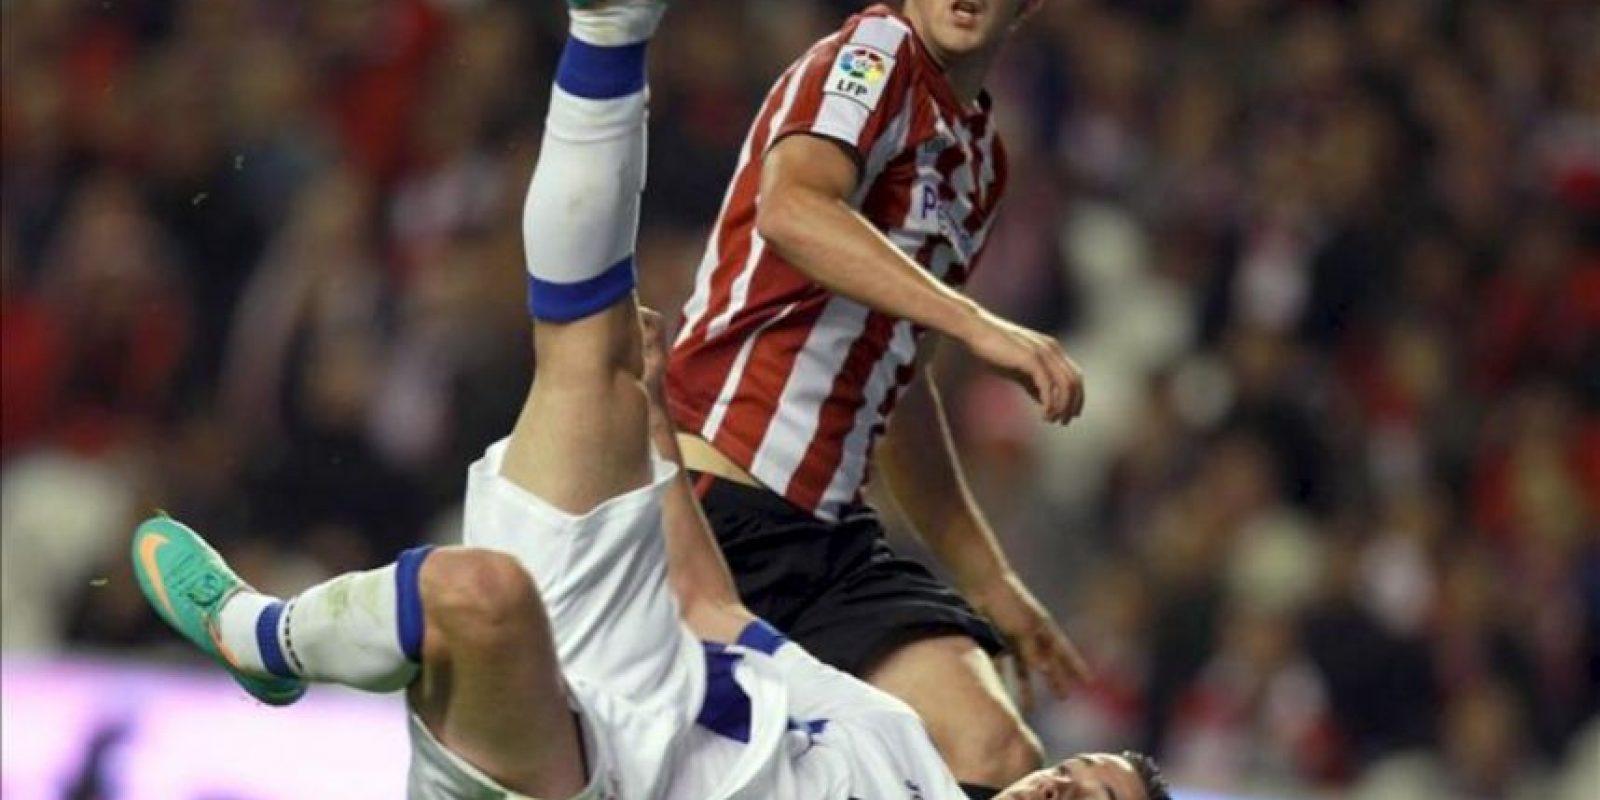 El delantero del Getafe Álvaro Vázquez remata para hacer el segundo gol de su equipo en presencia del defensa del Athletic Mikel San José (detrás), durante el partido correspondiente a la novena jornada de la Liga de Primera División disputado en el estadio de San Mamés de Bilbao. EFE